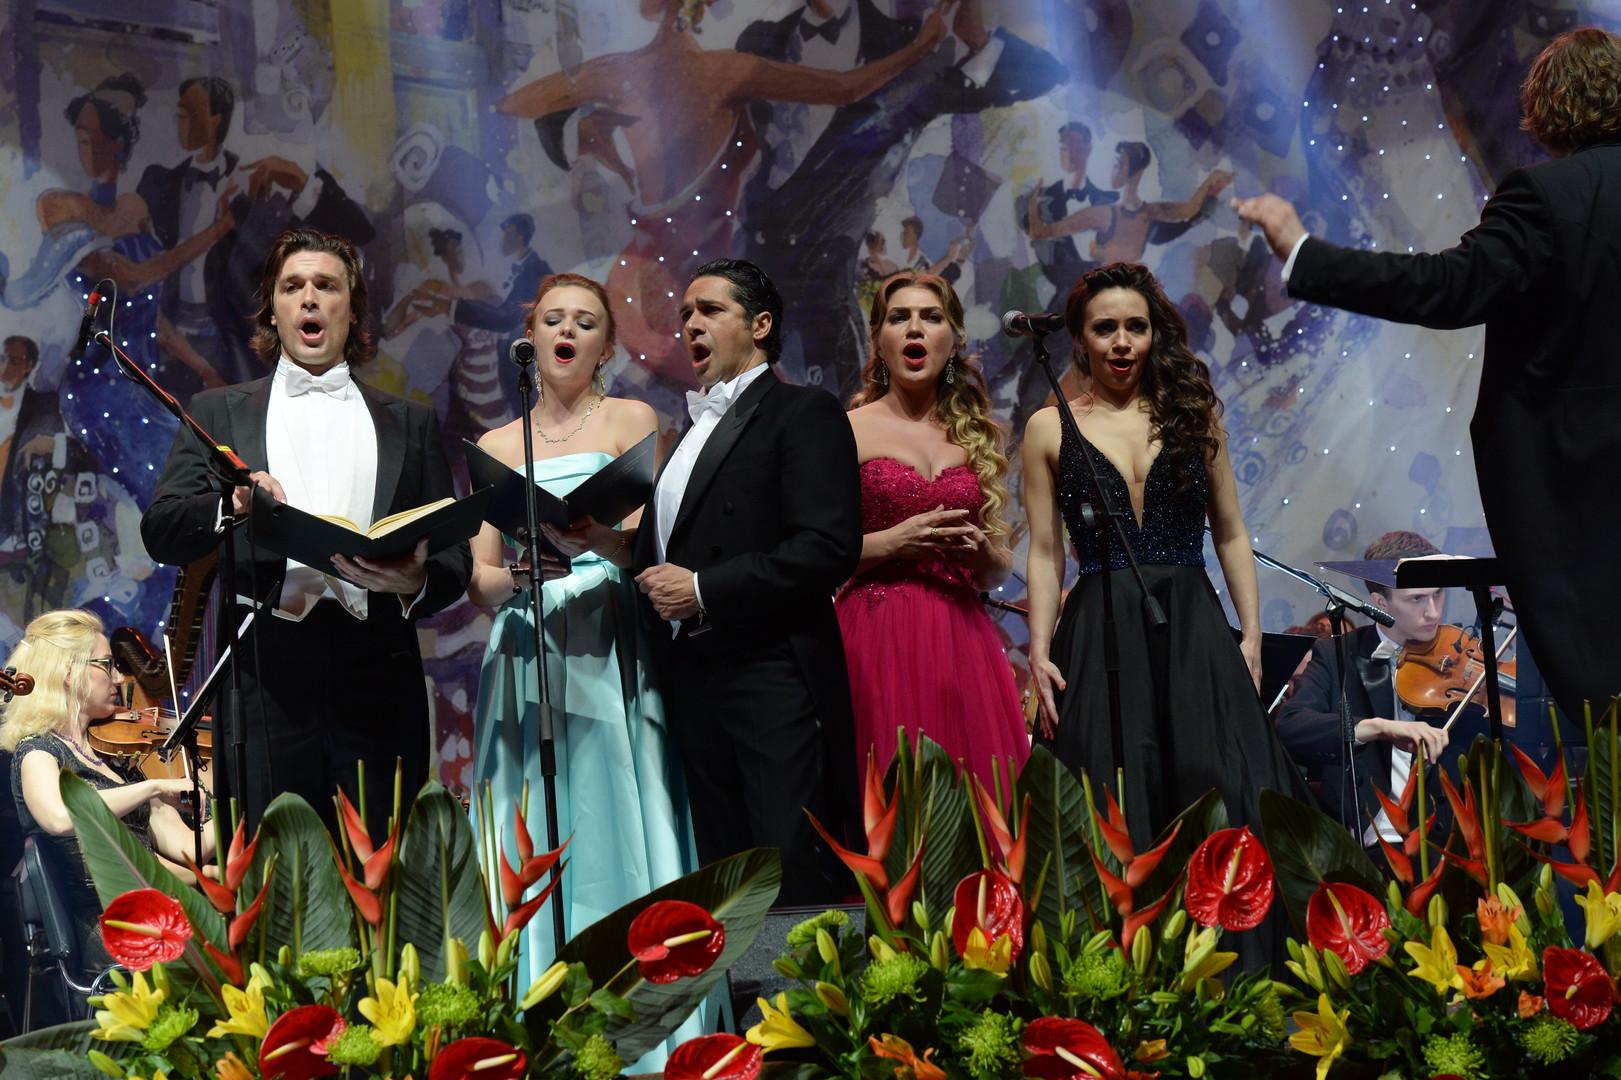 Австрийский оперный певец Томас Вайнхаппель, оперные солистки Юлия Мазурова и Екатерина Морозова и итальянский бас-баритон Ильдебрандо Д'Арканджело во время XIV благотворительного Венского Бала в Гостином дворе в Москве